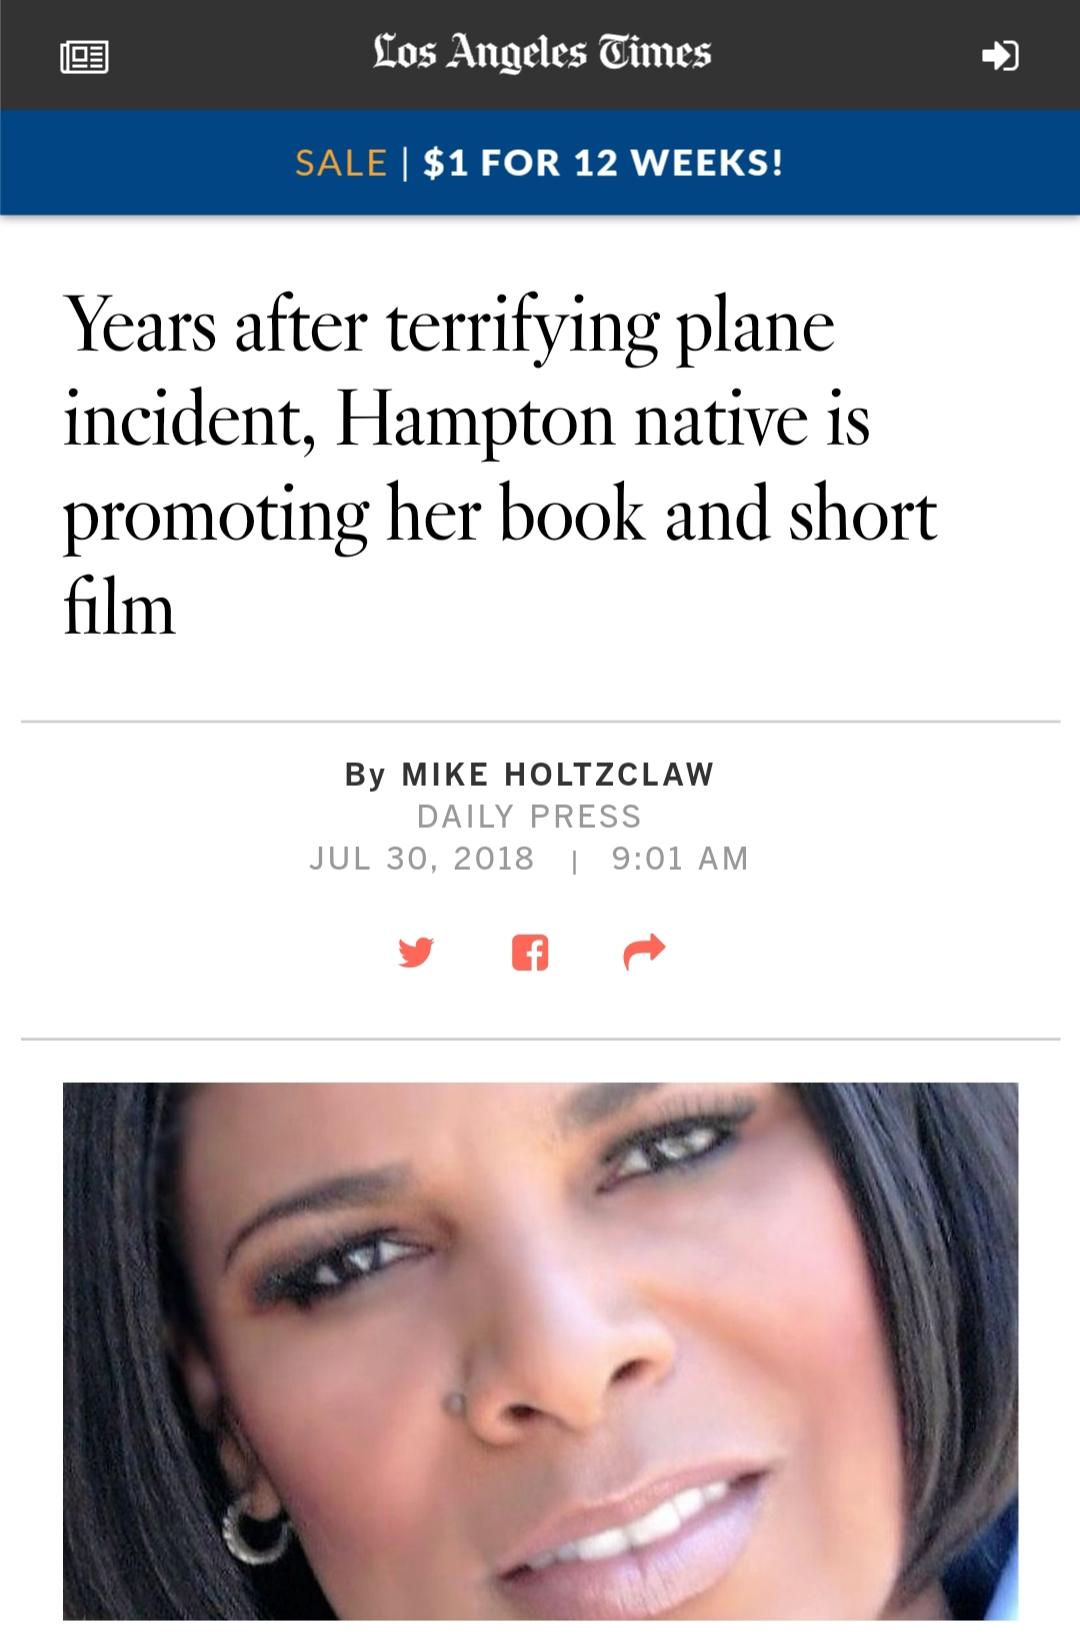 LA TIMES ARTICLE PIC.jpg